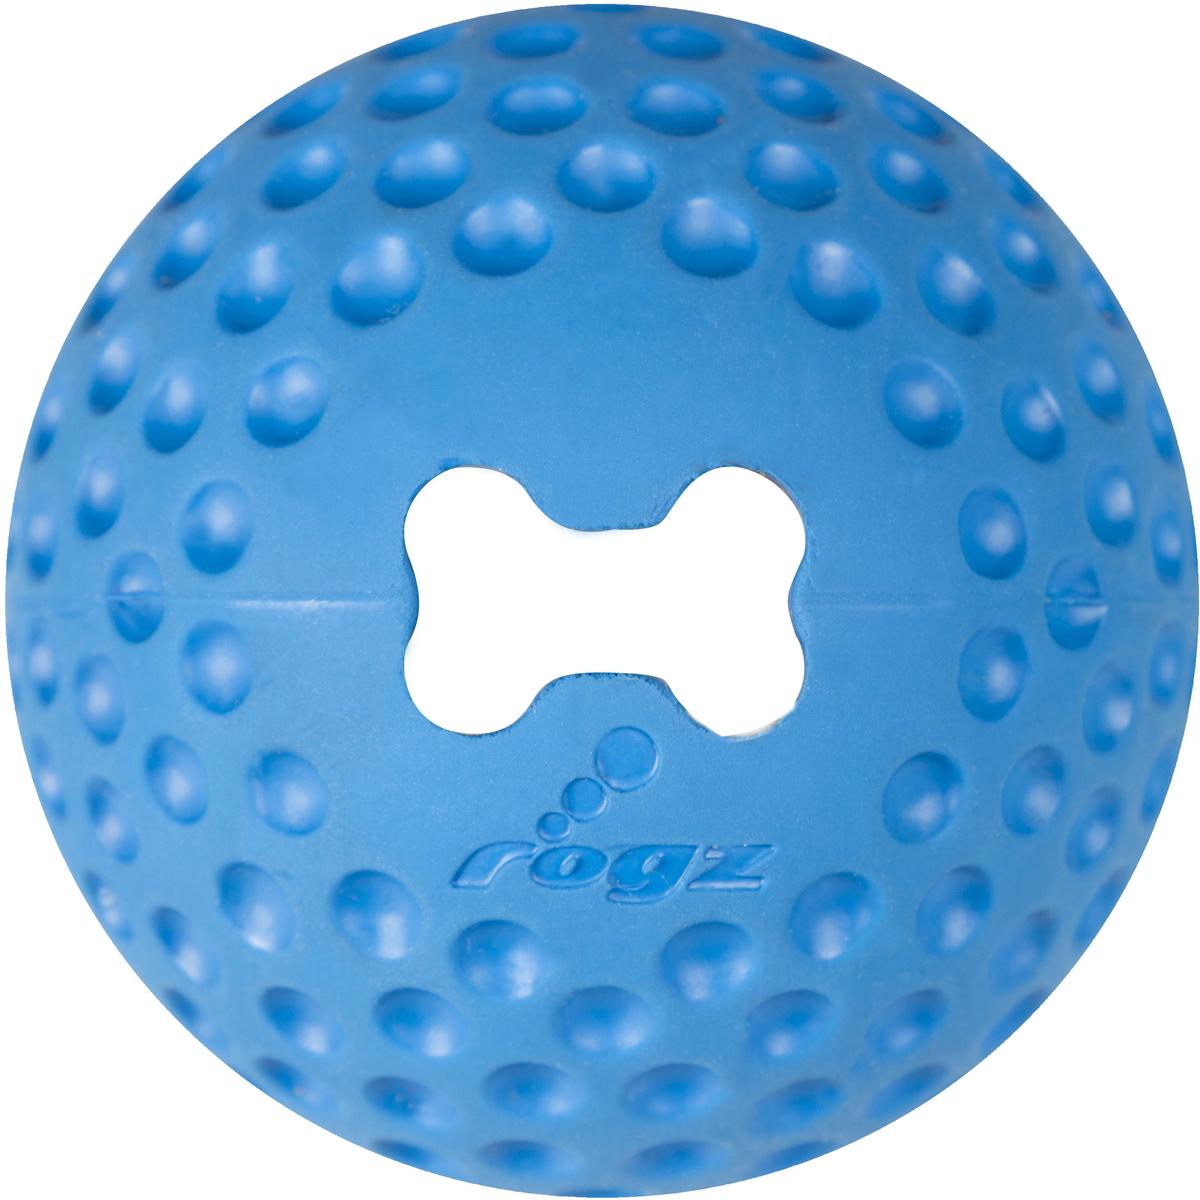 Игрушка для собак Rogz Gumz, с отверстием для лакомства, цвет: синий, диаметр 7,8 смGU04BИгрушка для собак Rogz Gumz тренирует жевательные мышцы и массирует десны собаке. Отлично подходит для дрессировки, так как есть отверстие для лакомства.Отлично подпрыгивает при играх.Занимательная игрушка выдерживает долгое жевание и разгрызание. Материал изделия: 85 % натуральной резины, 15 % синтетической резины. Не токсичен.